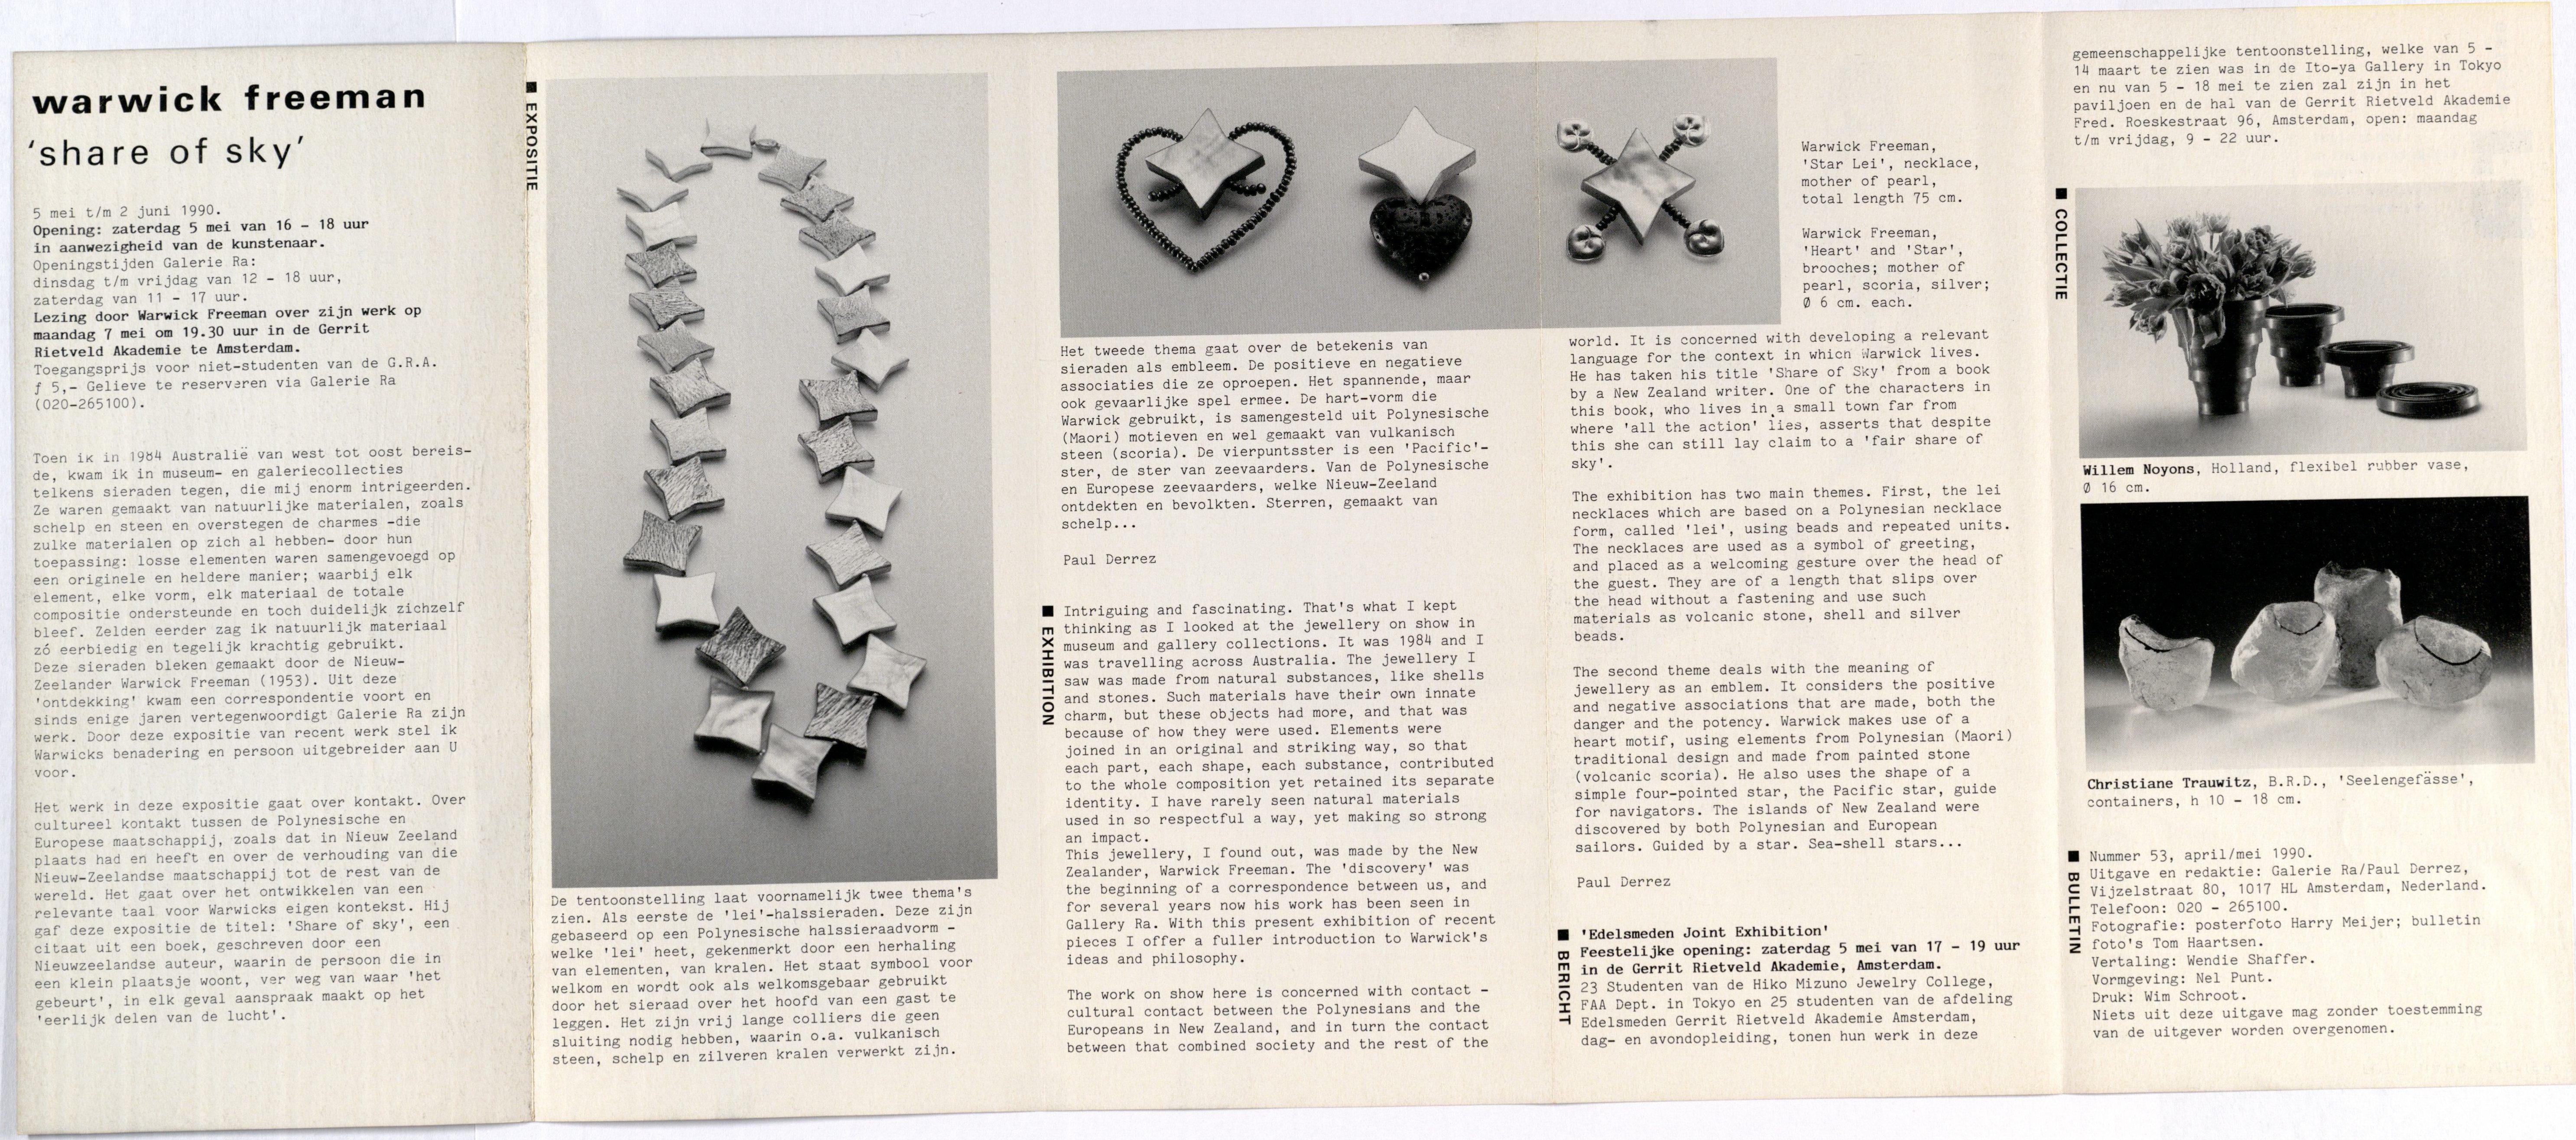 Ra Bulletin 53, april/mei 1990, achterzijde met tekst en foto's van Tom Haartsen, Qarwick Freeman, Willem Noyons, Christiane Trauwitz, parelmoer, broches, halssieraad